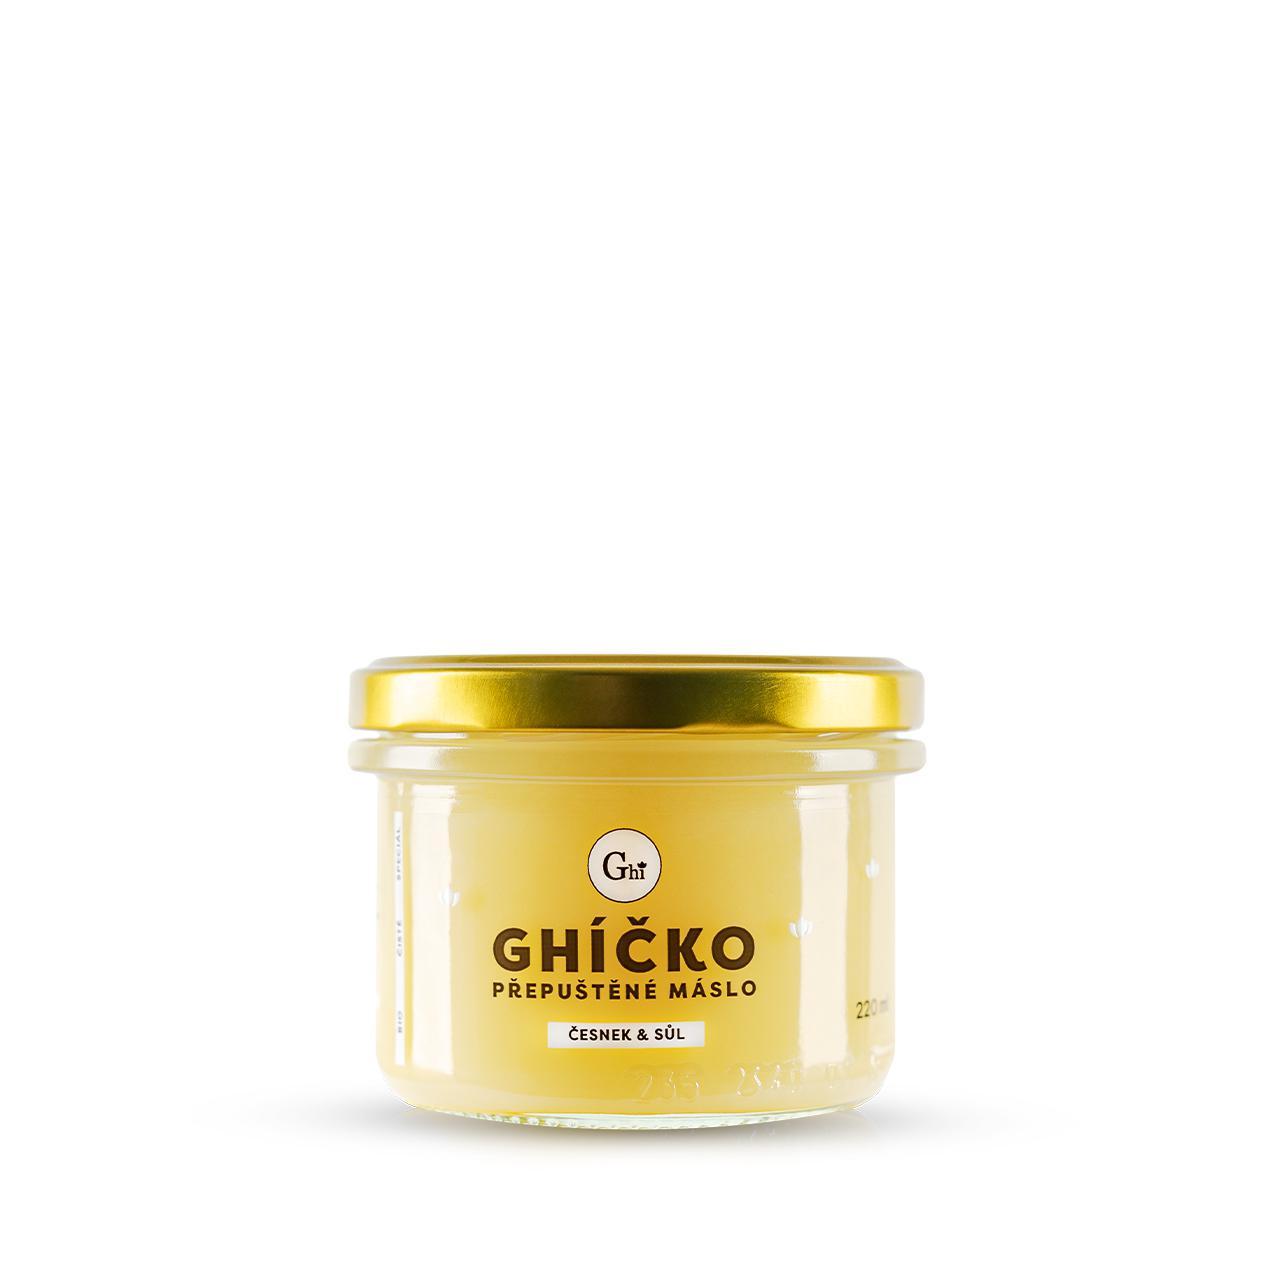 Ghí přepuštěné máslo 220ml speciál česnek & sůl